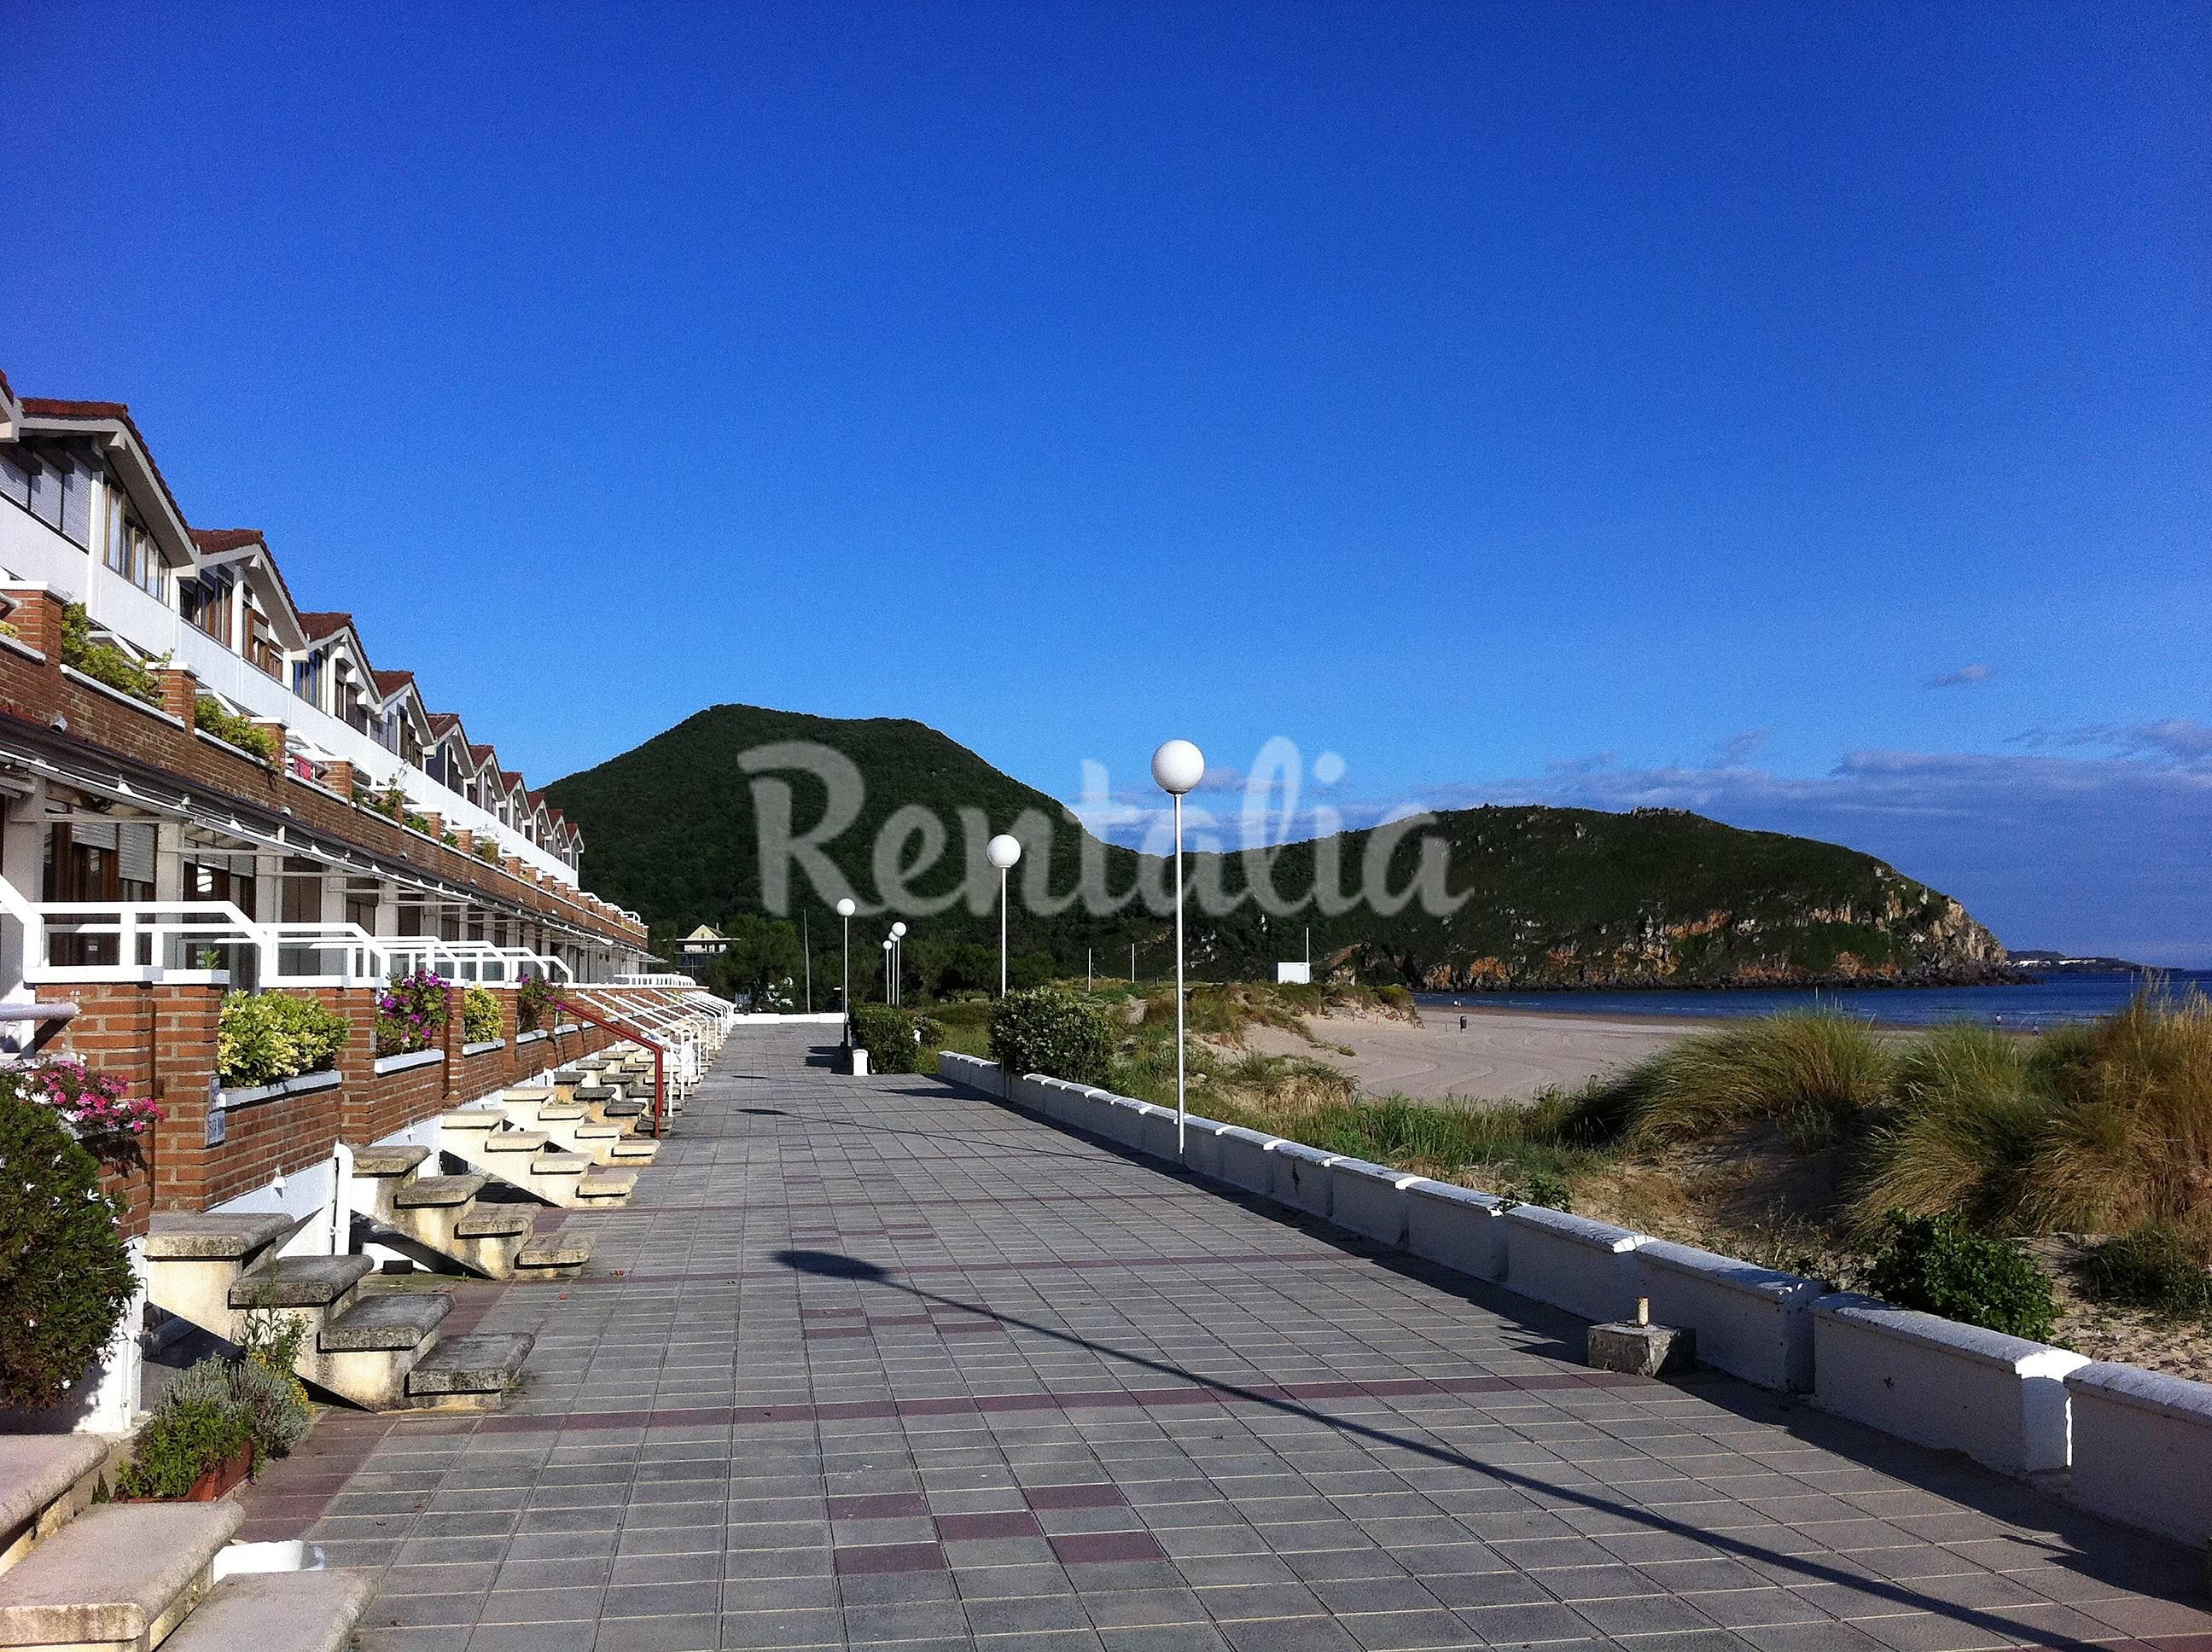 Apartamento en alquiler en 1a l nea de playa santo a cantabria costa de cantabria - Apartamentos en cantabria playa ...